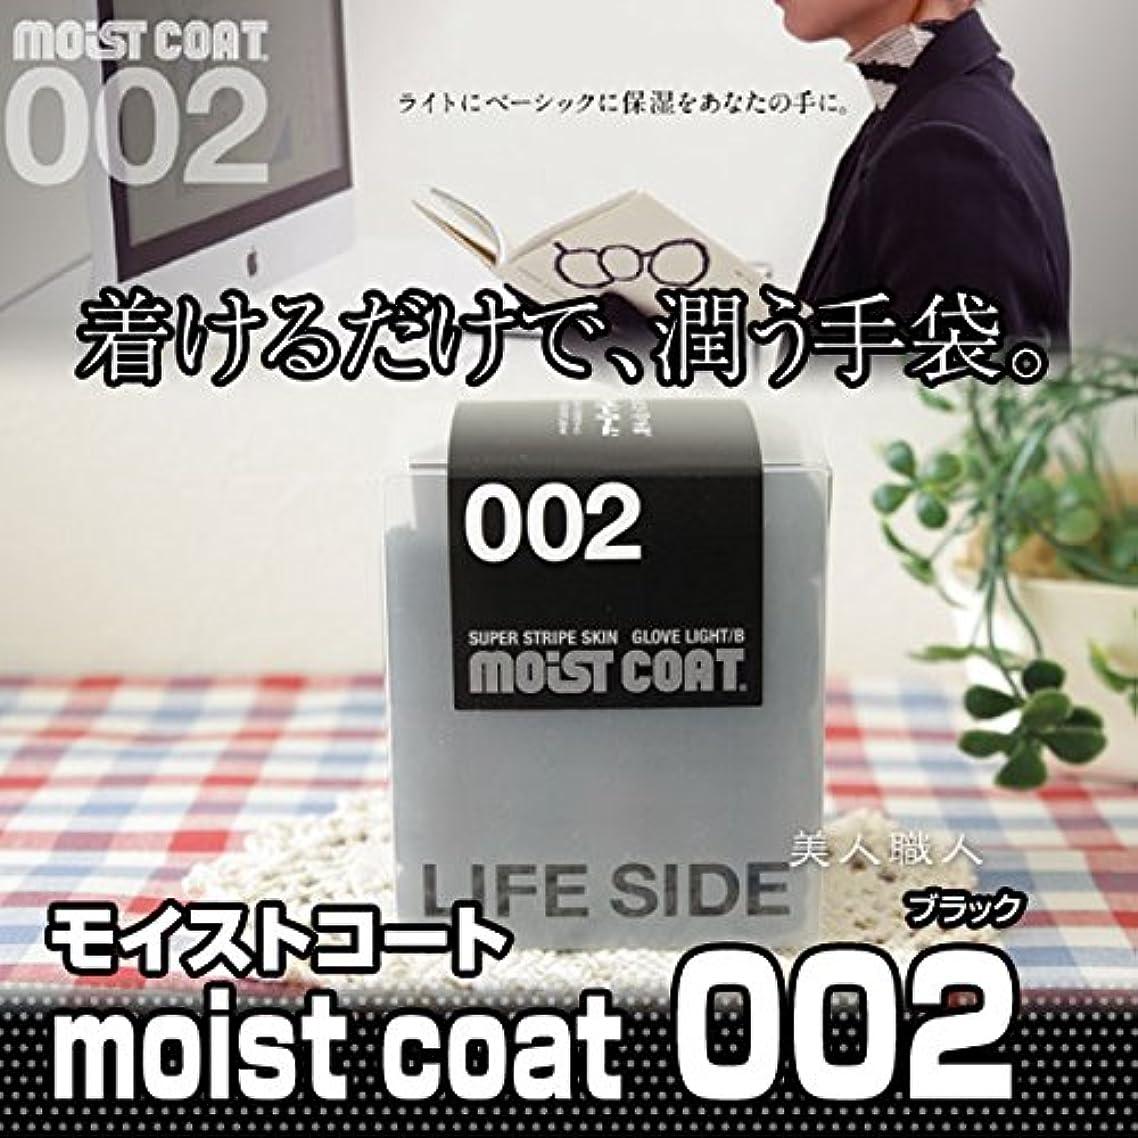 地震通行料金小麦コラーゲン手袋 モイストコート002 ブラック